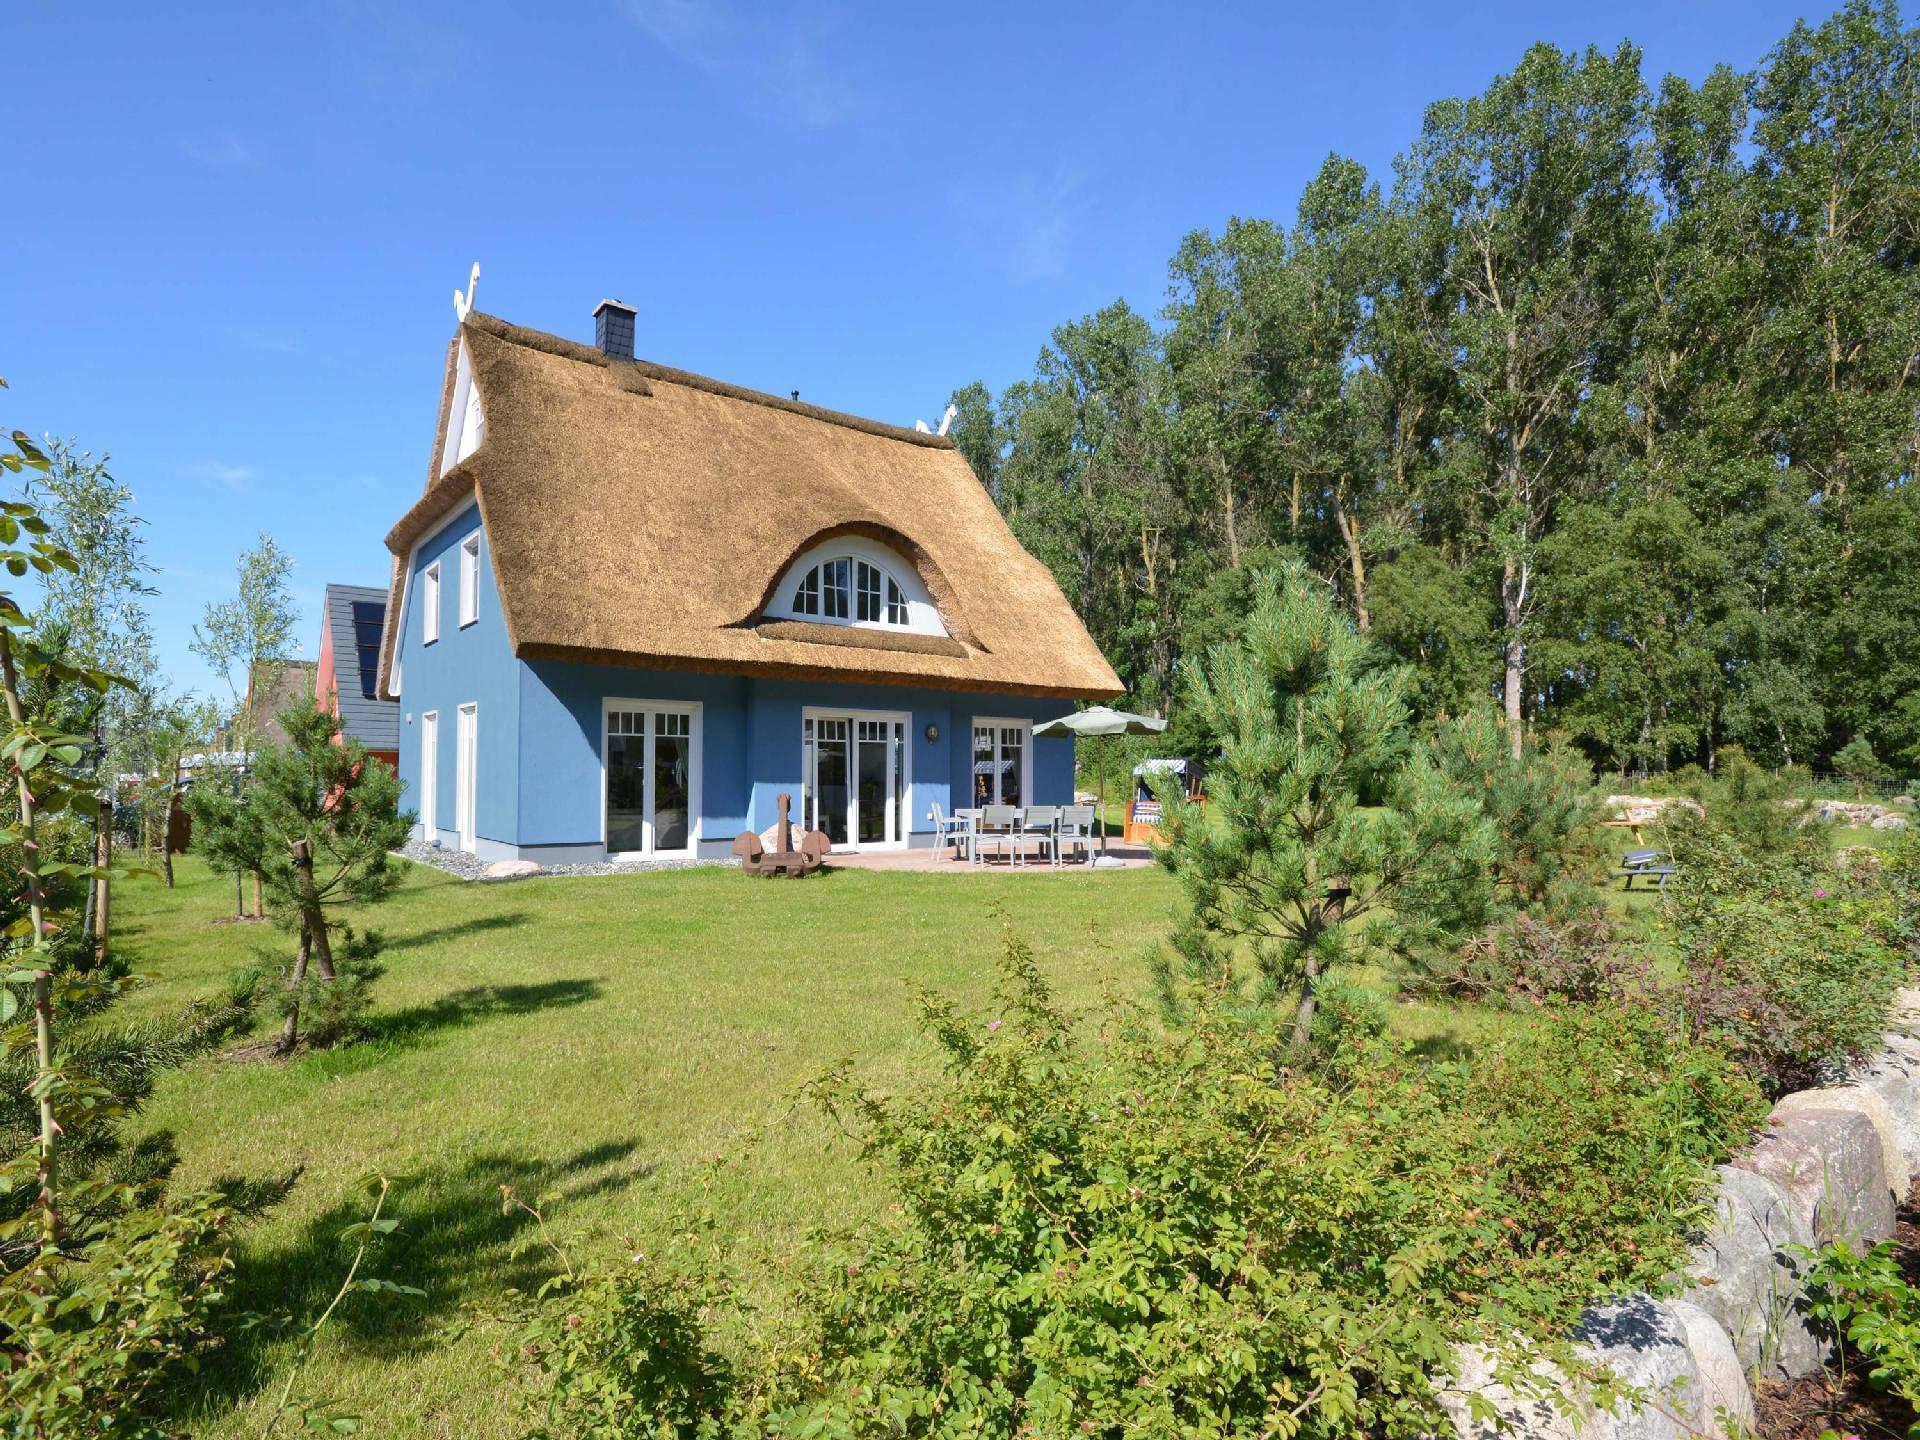 Ferienhaus für 8 Personen ca. 154 m² in   auf Rügen